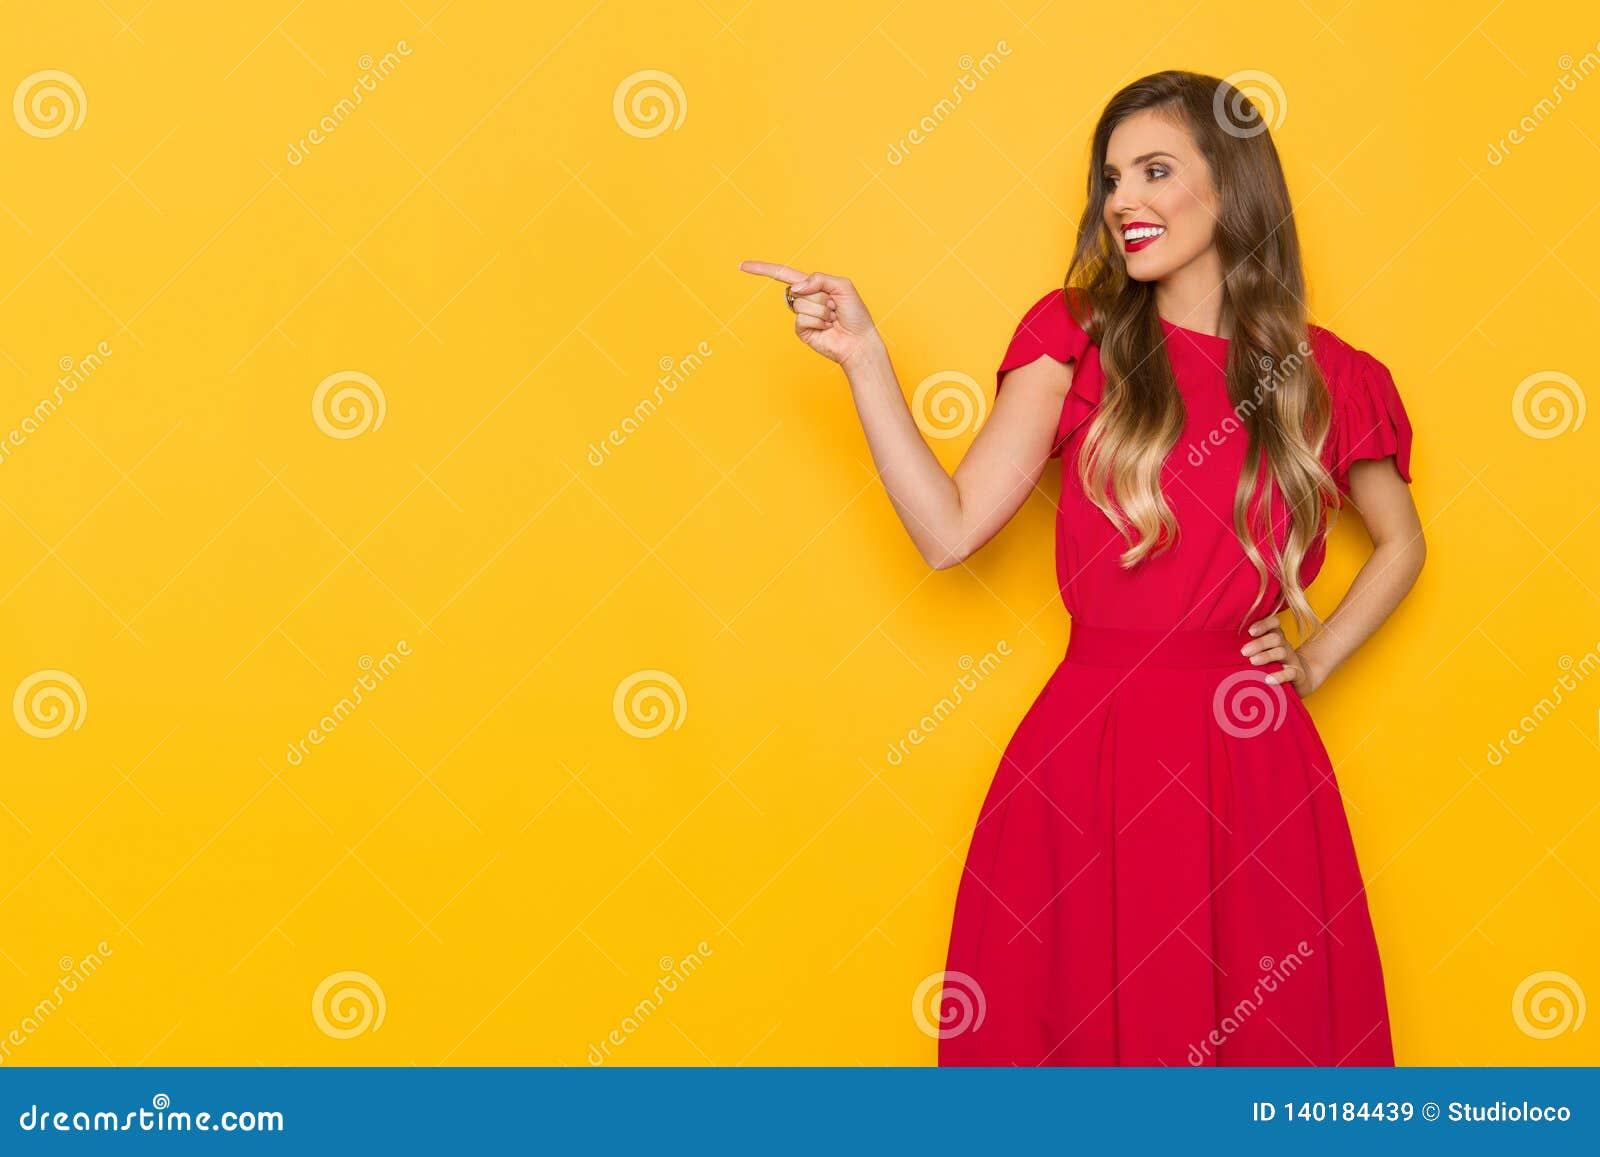 La mujer joven sonriente hermosa en vestido rojo es punteaguda y de mirada lejos